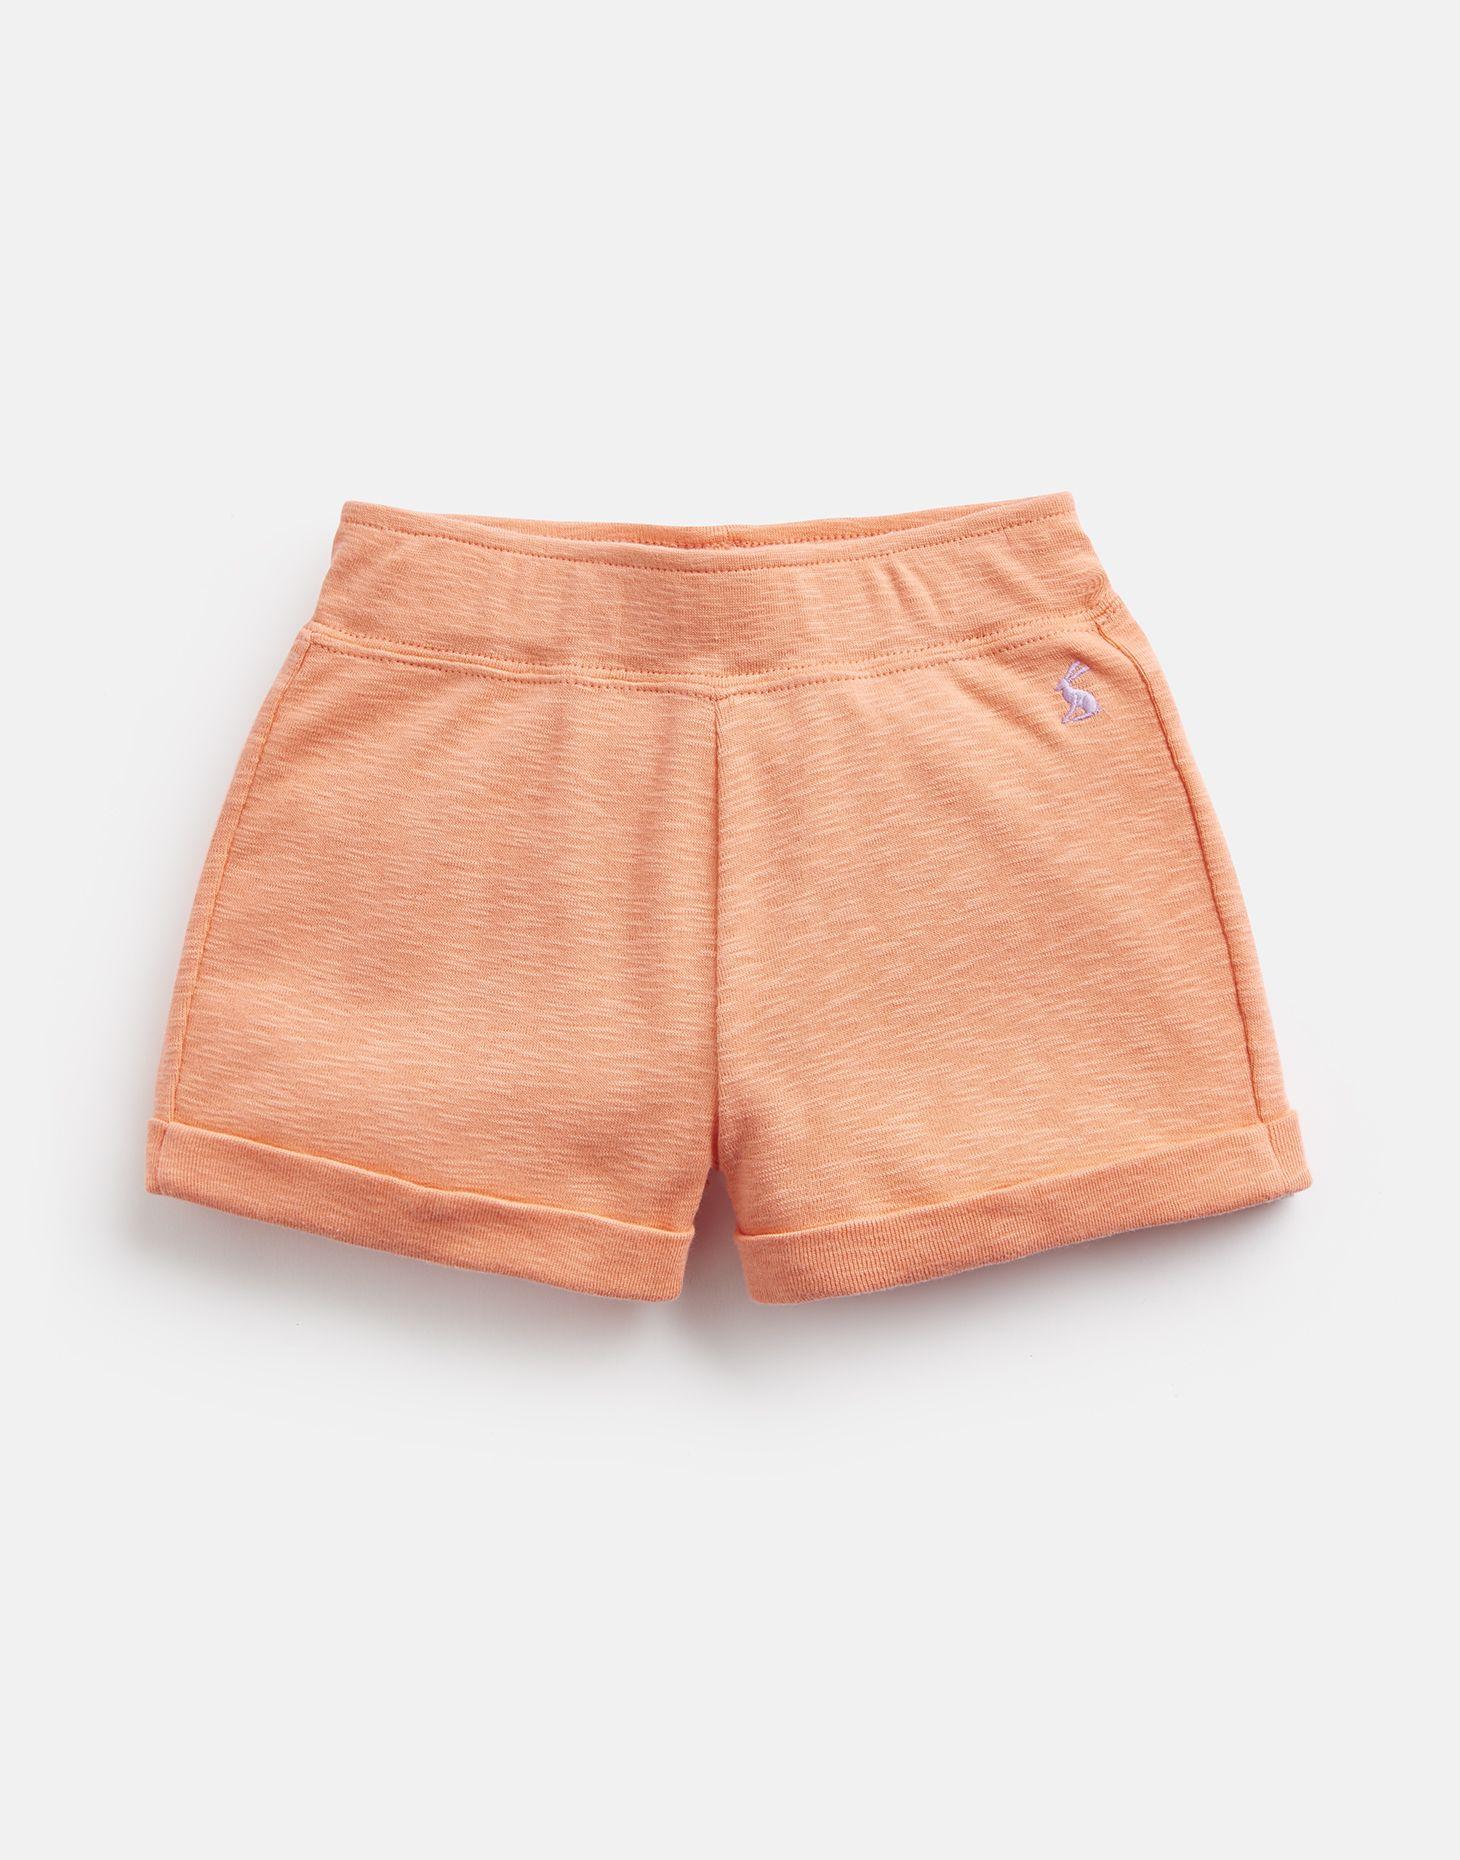 Yellow 80 cm Joules Kittiwake Jersey Shorts 1 Year